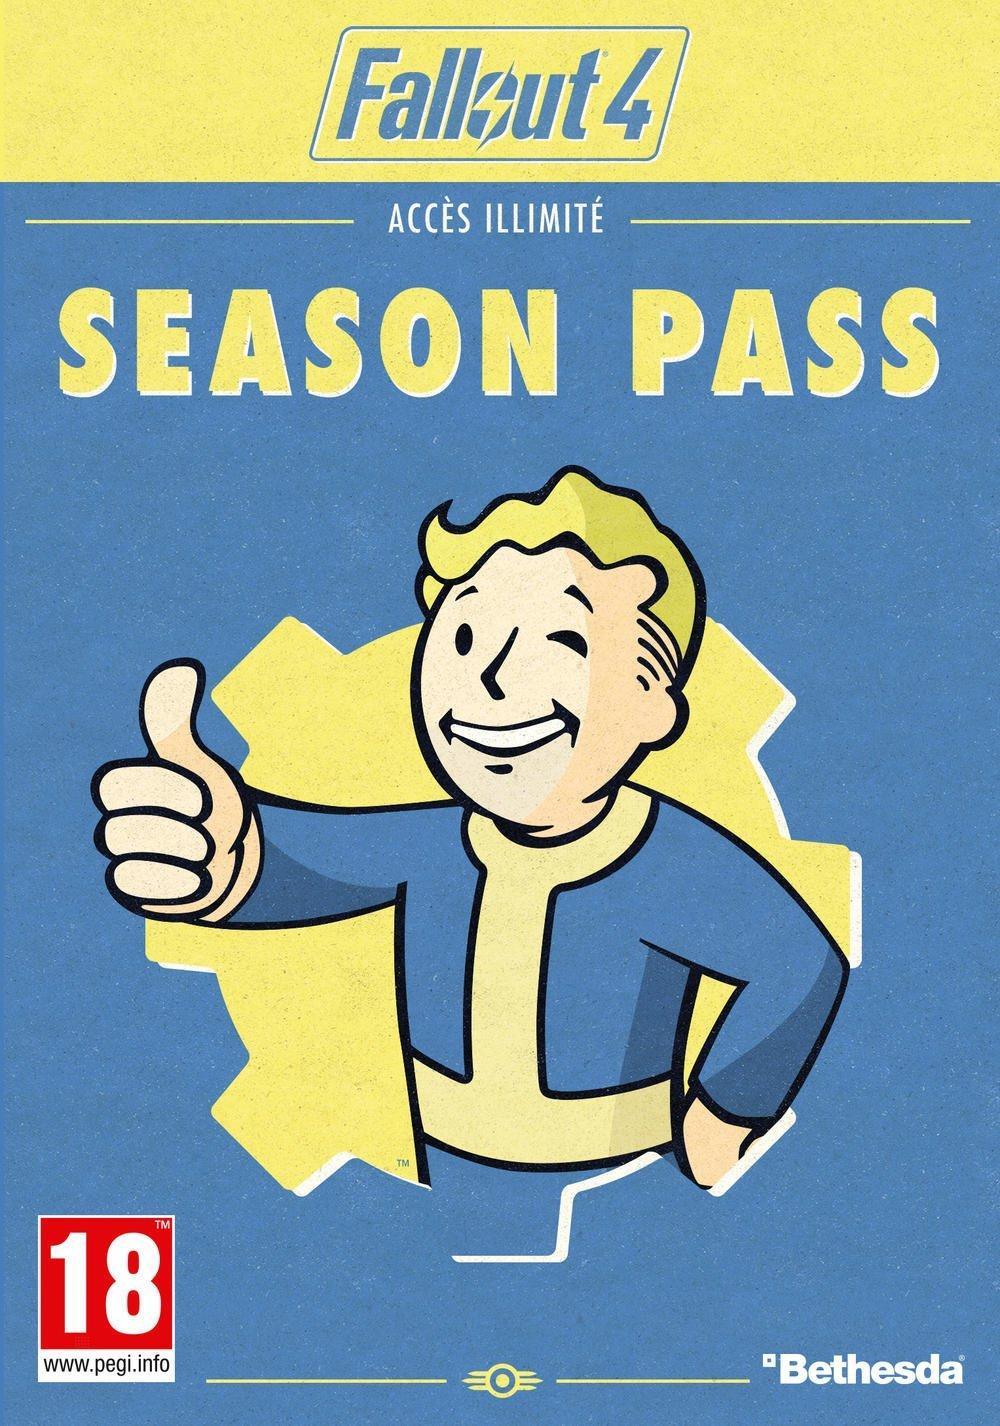 Fallout 4 Season Pass sur PS4 et PC